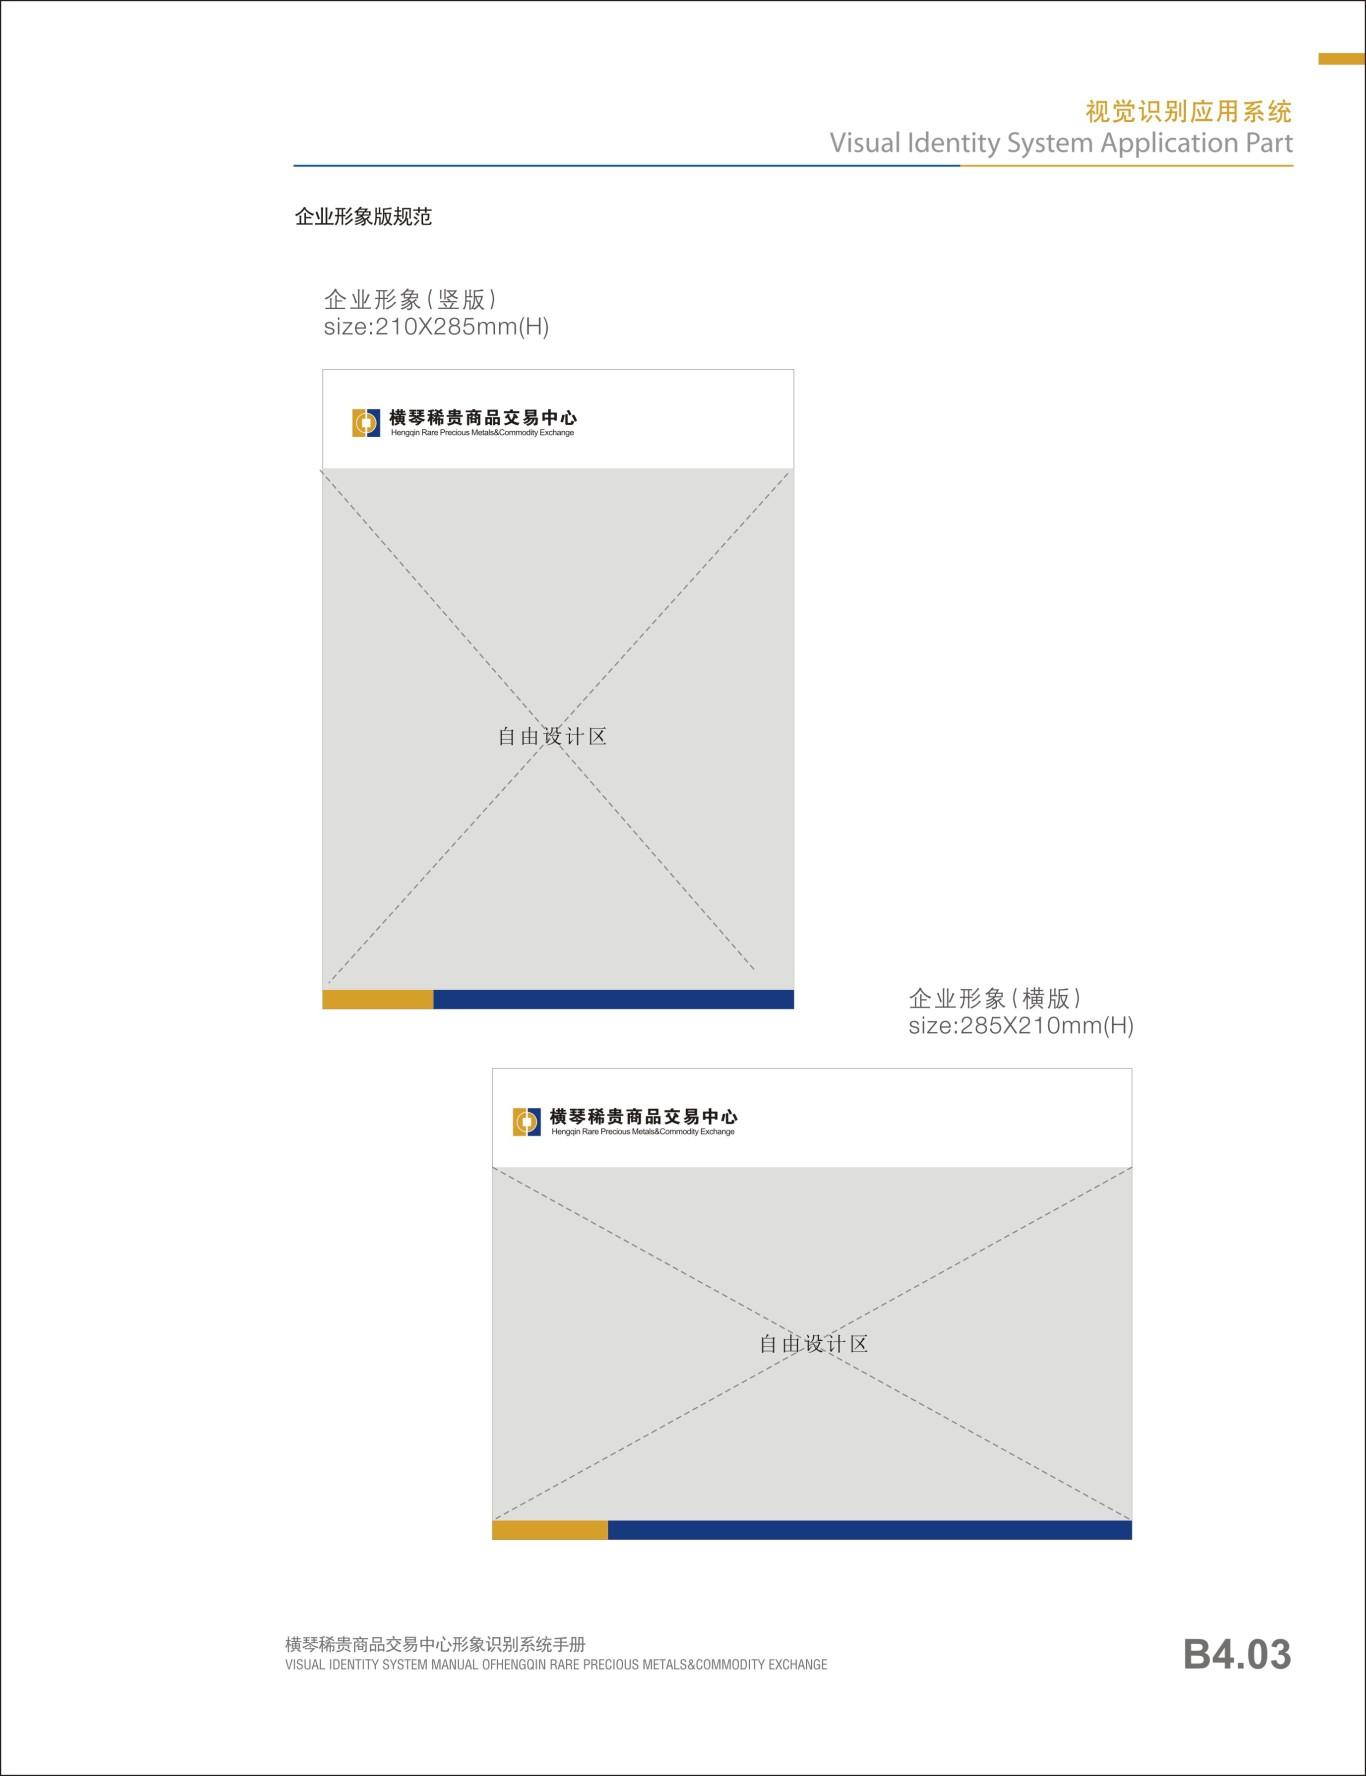 贵金属行业横琴稀贵VI手册设计图31